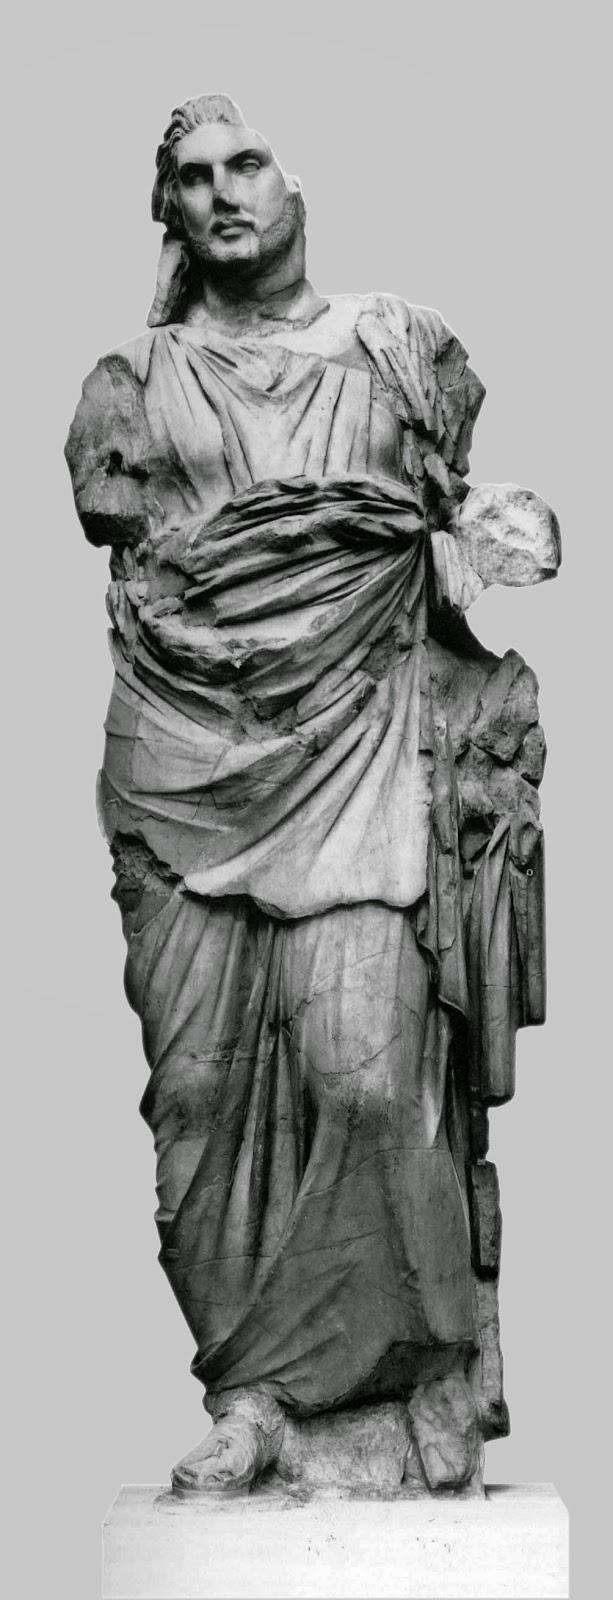 Άγαλμα όρθιου ντυμένου άνδρα από το Μαυσωλείο της Αλικαρνασσού. Λονδίνο, Βρετανικό Μουσείο.